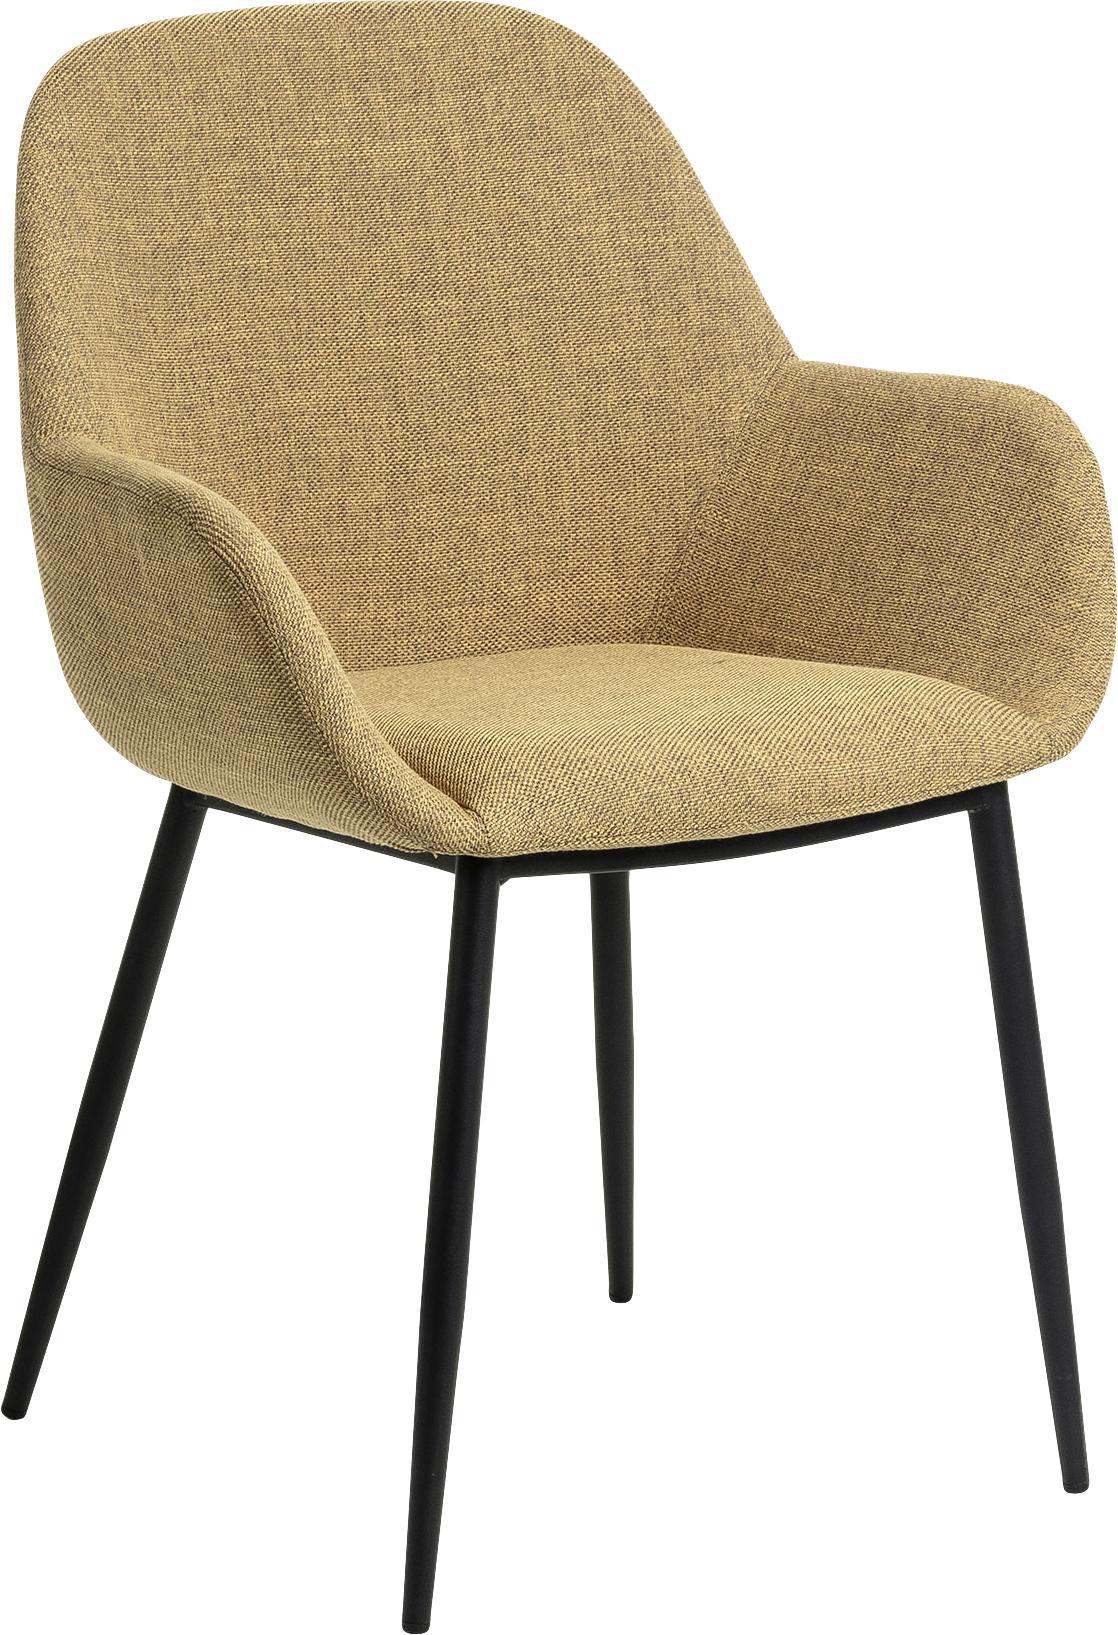 Sedia con braccioli Kona 2 pz, Rivestimento: poliestere 50.000 cicli d, Gambe: metallo verniciato, Giallo senape, nero, Larg. 59 x Prof. 52 cm